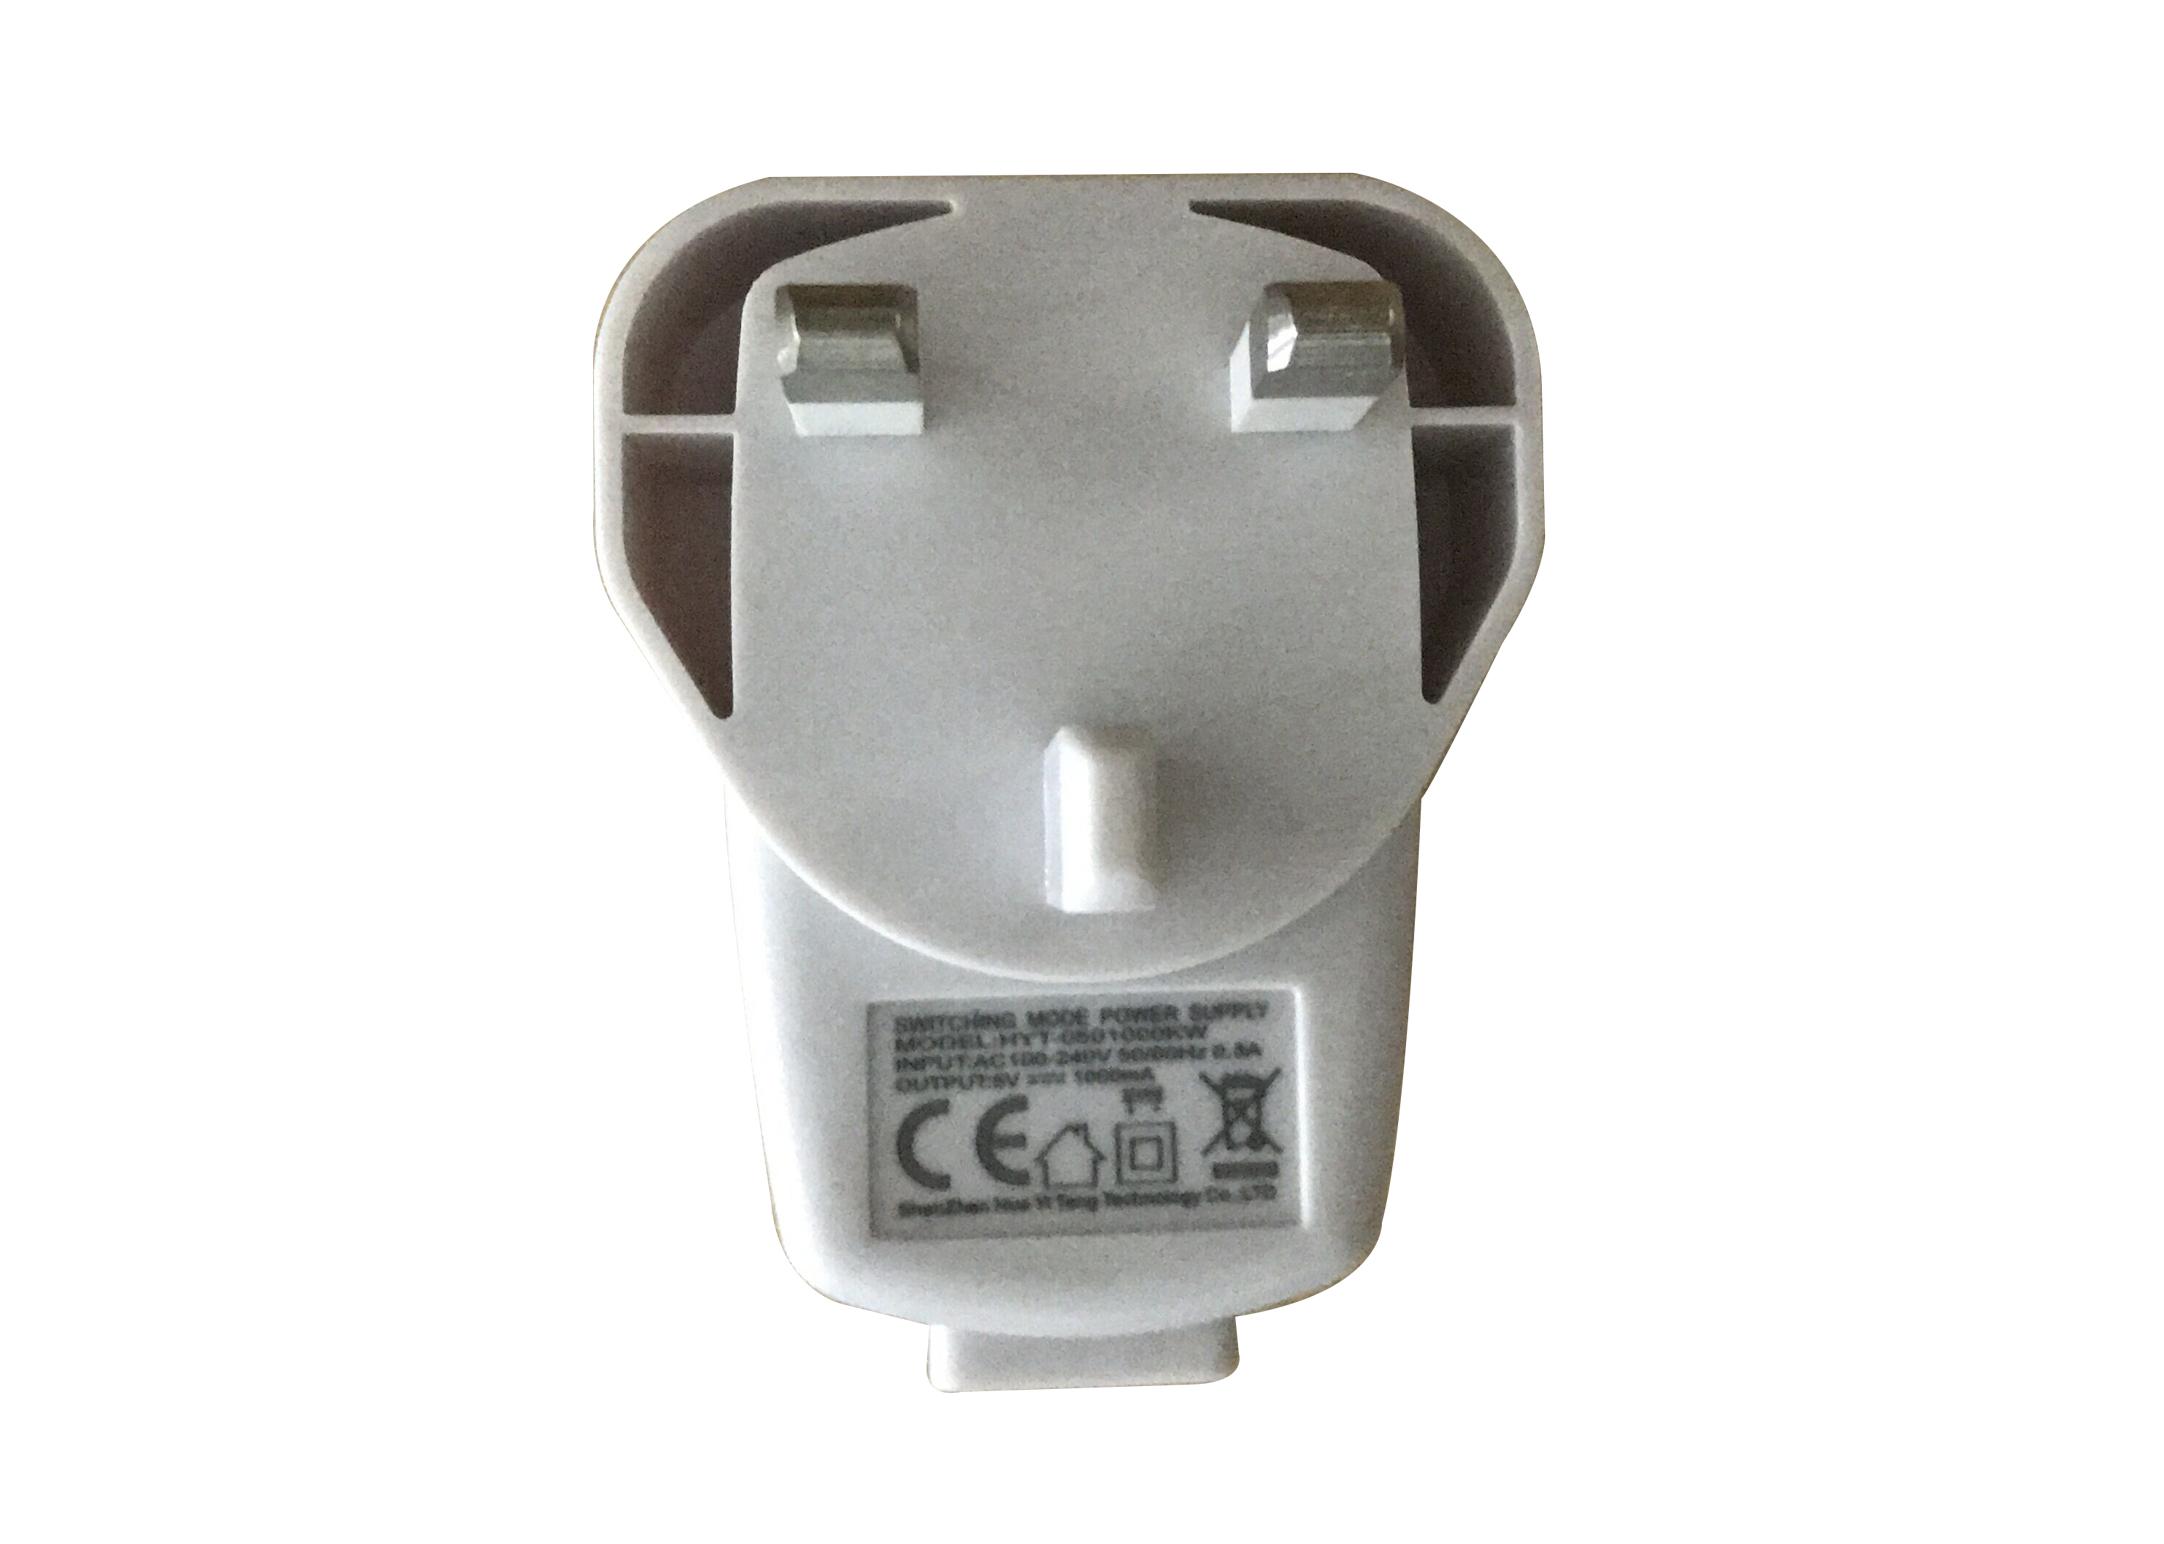 Show Tech Adaptateur RU USB pour lime à ongles